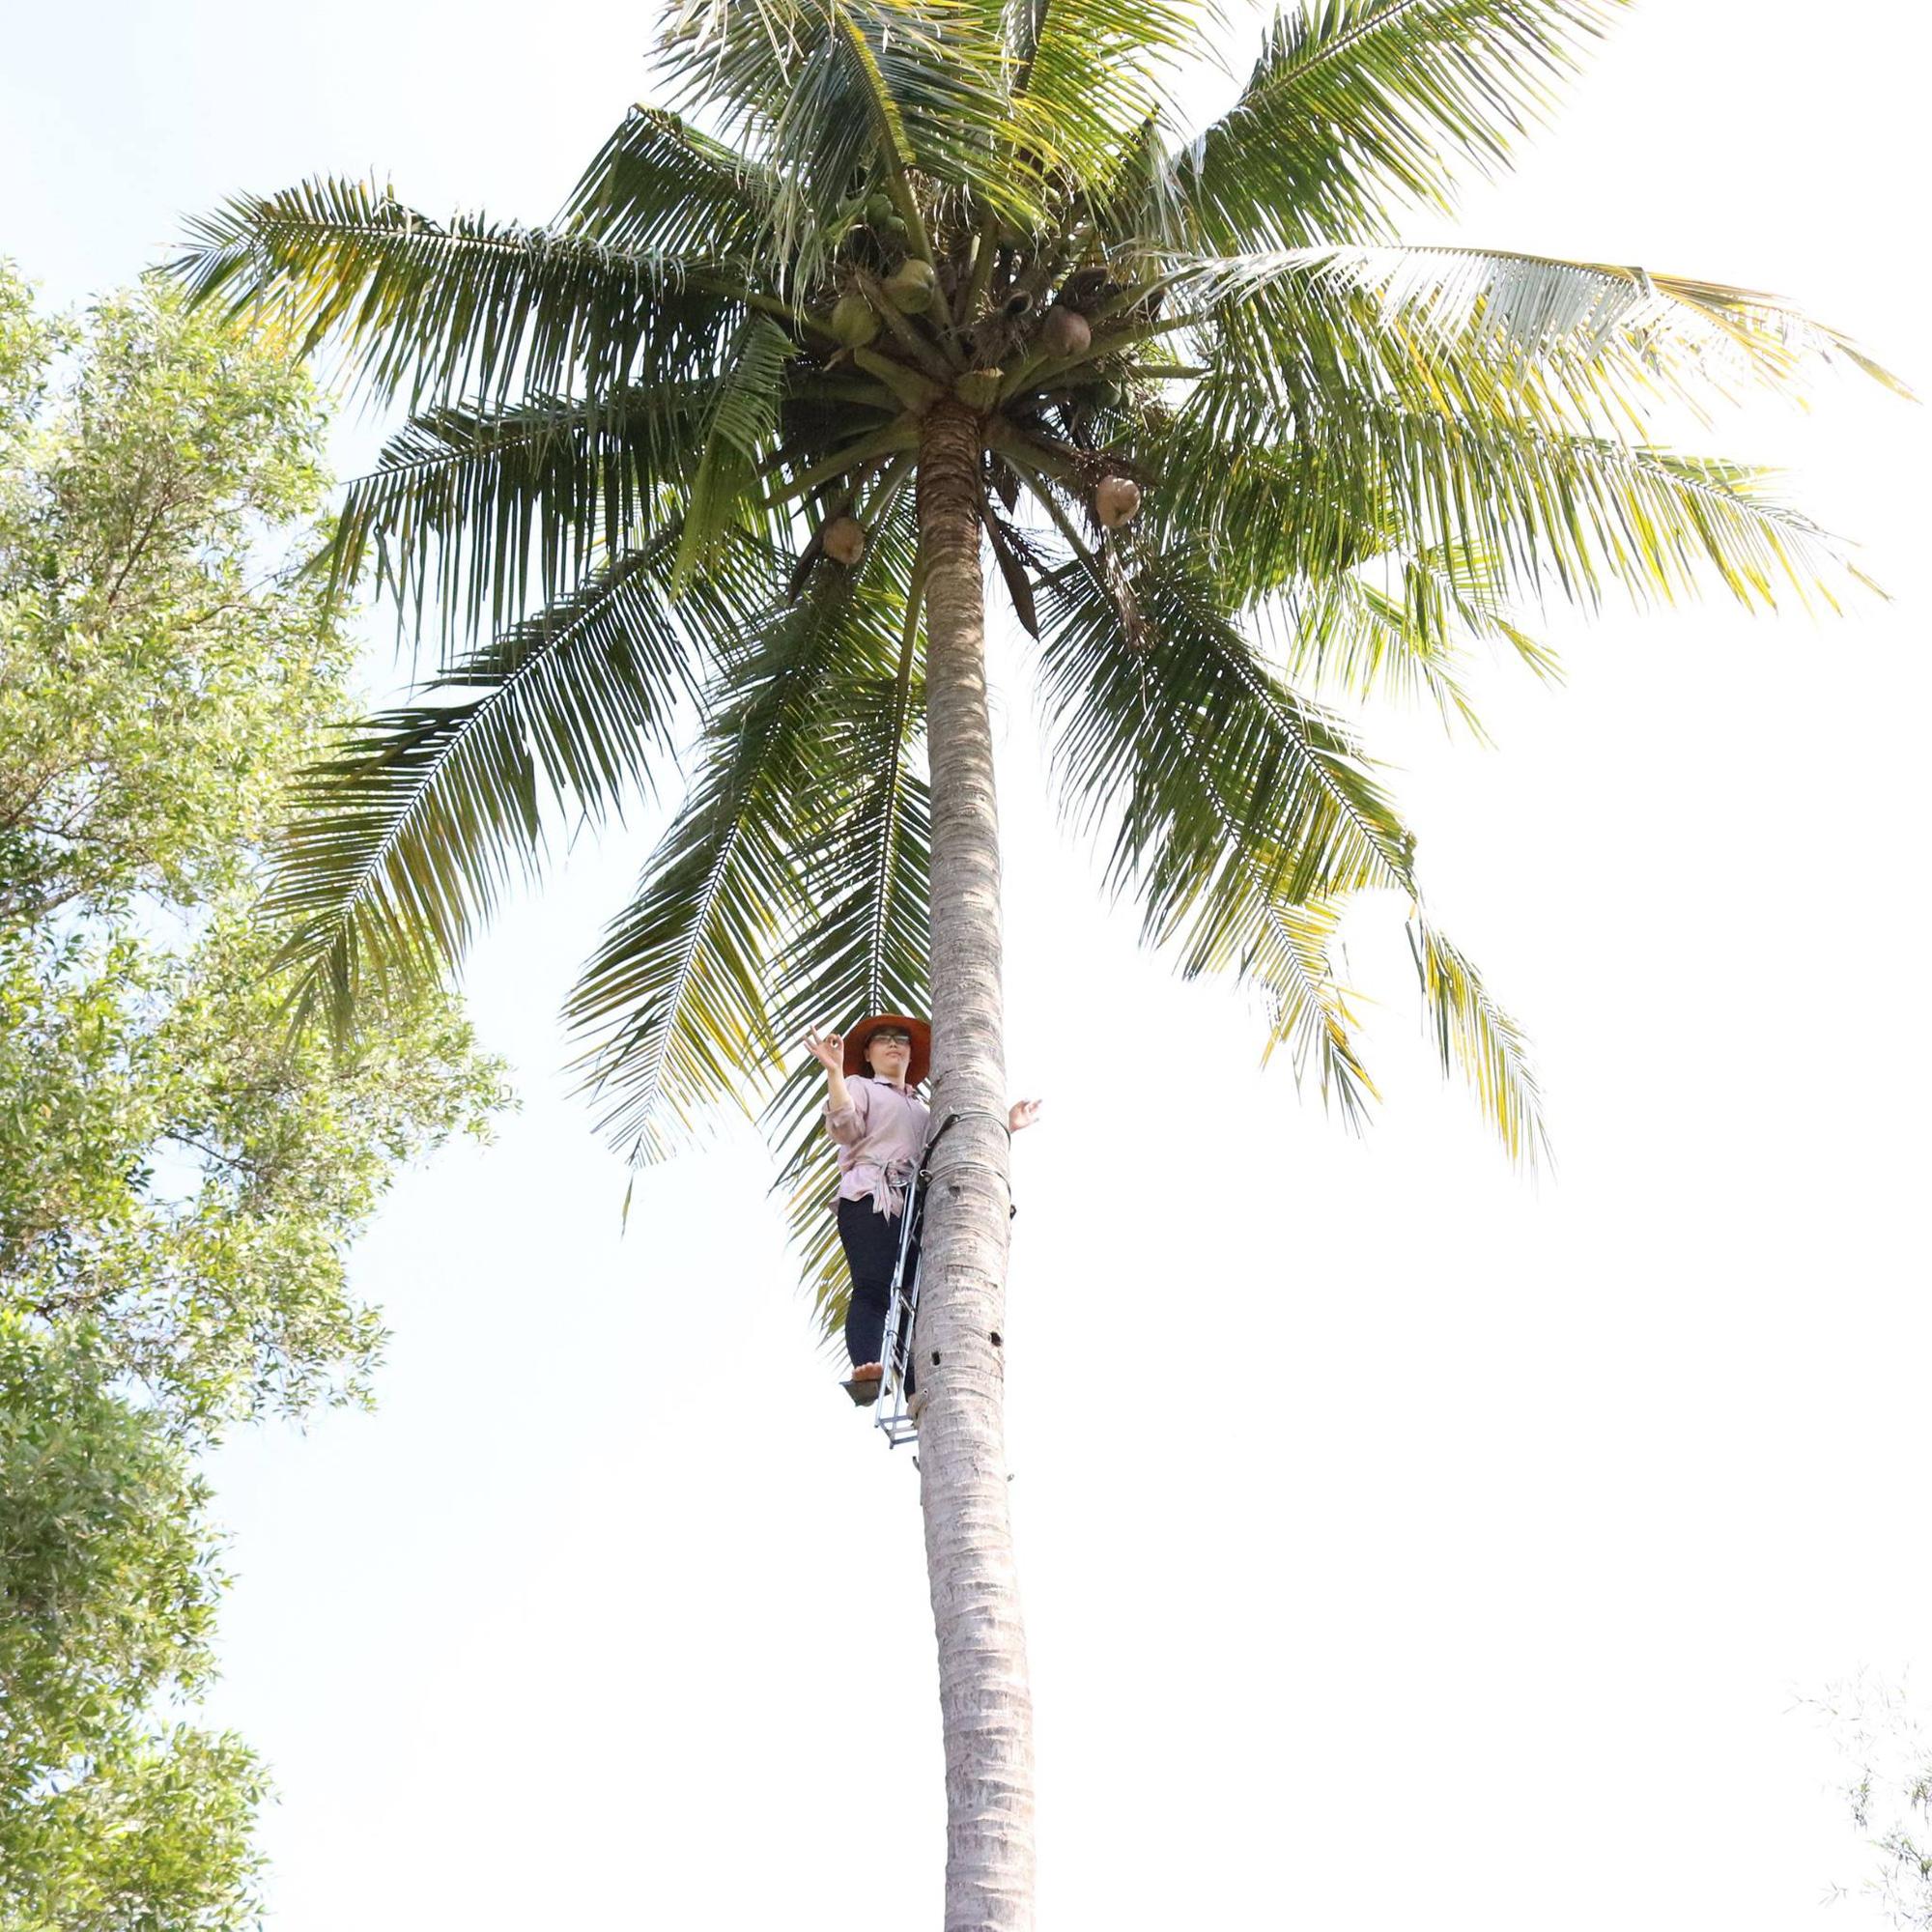 """Hai lúa miền Tây có biệt tài sáng kiến thiết bị leo hái dừa được tôn vinh là """"Nhà khoa học của nhà nông"""" 2020 - Ảnh 1."""